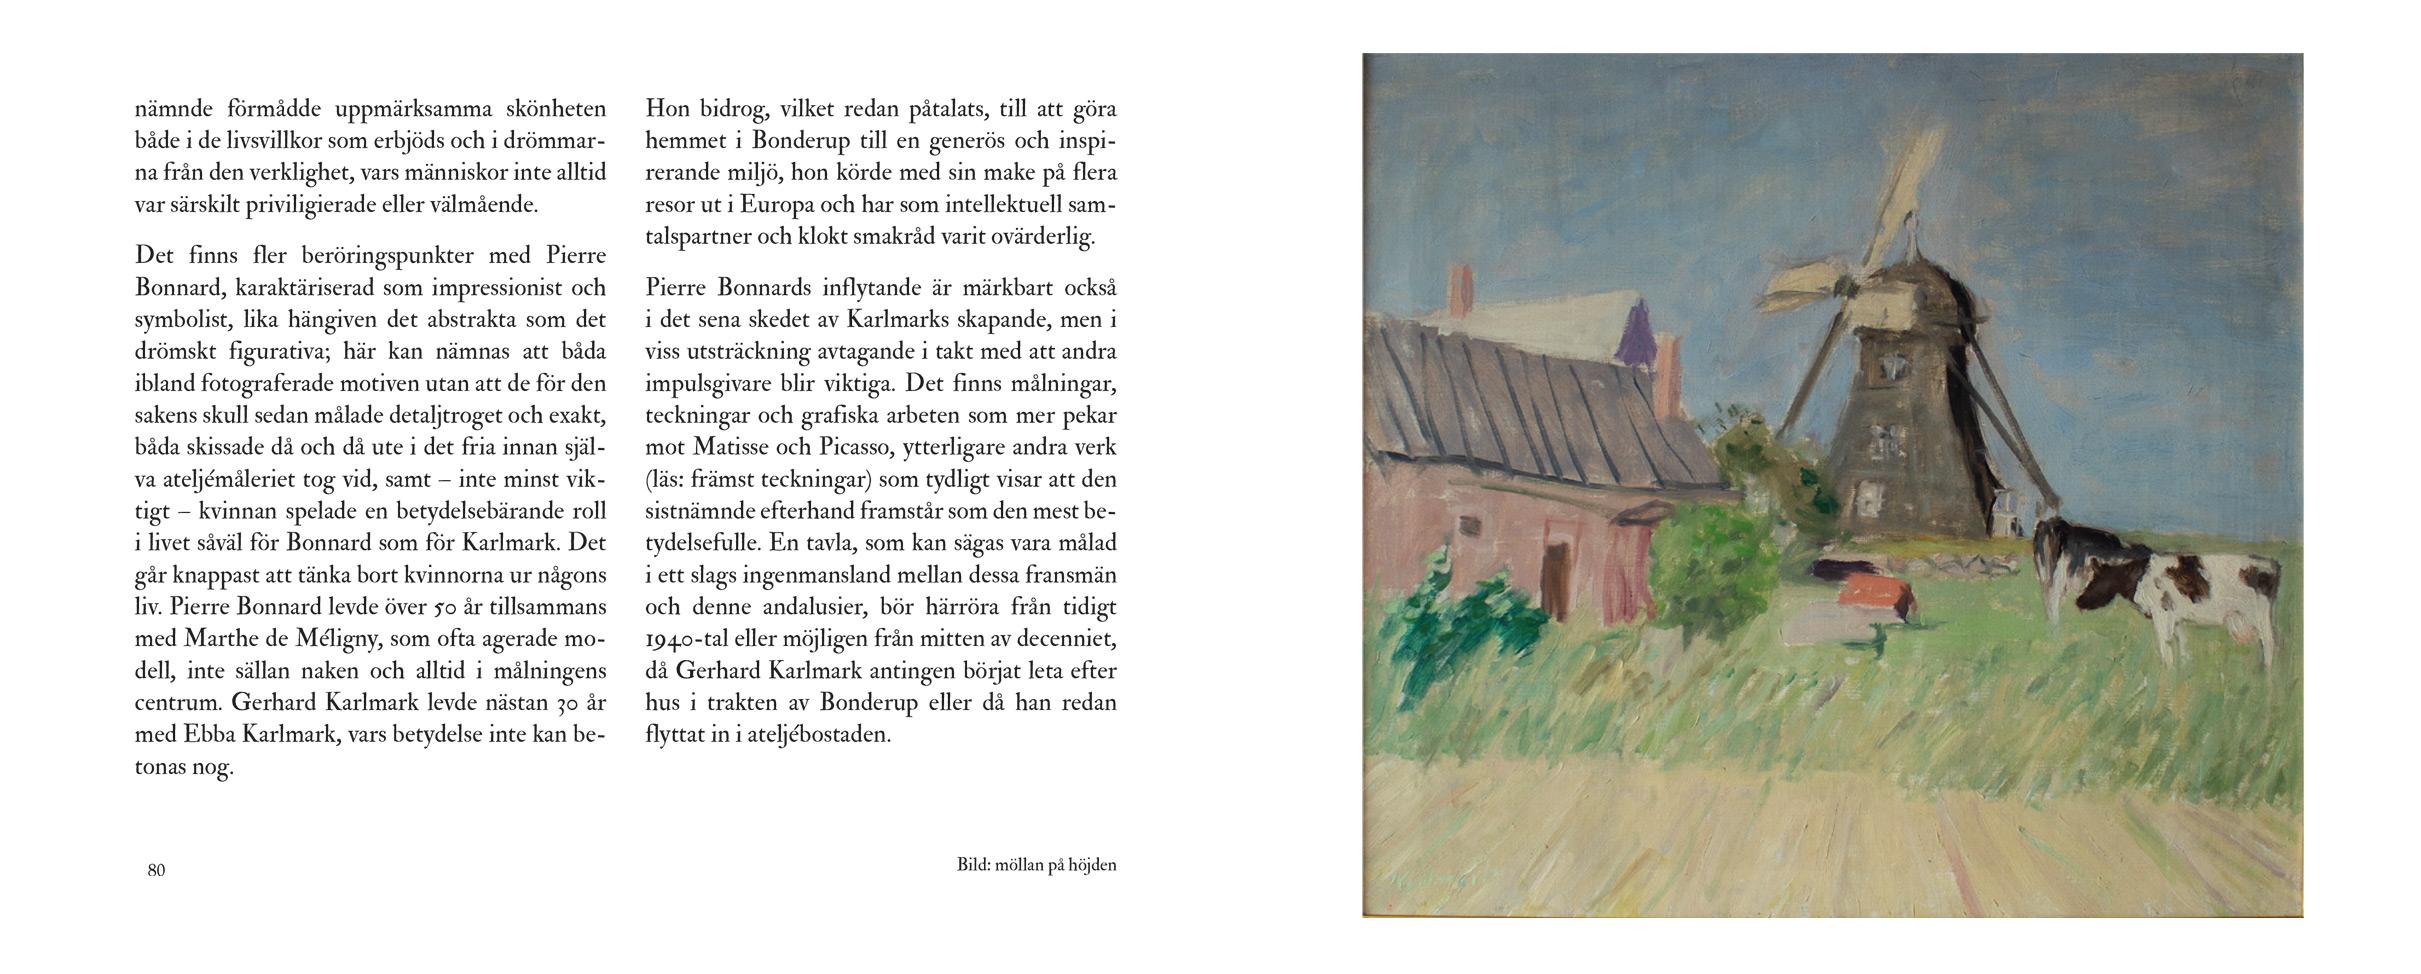 Uppslag ur boken 'Gerhard Karlmark – ett konstnärsliv' av Michael Economou (sid 80-81)